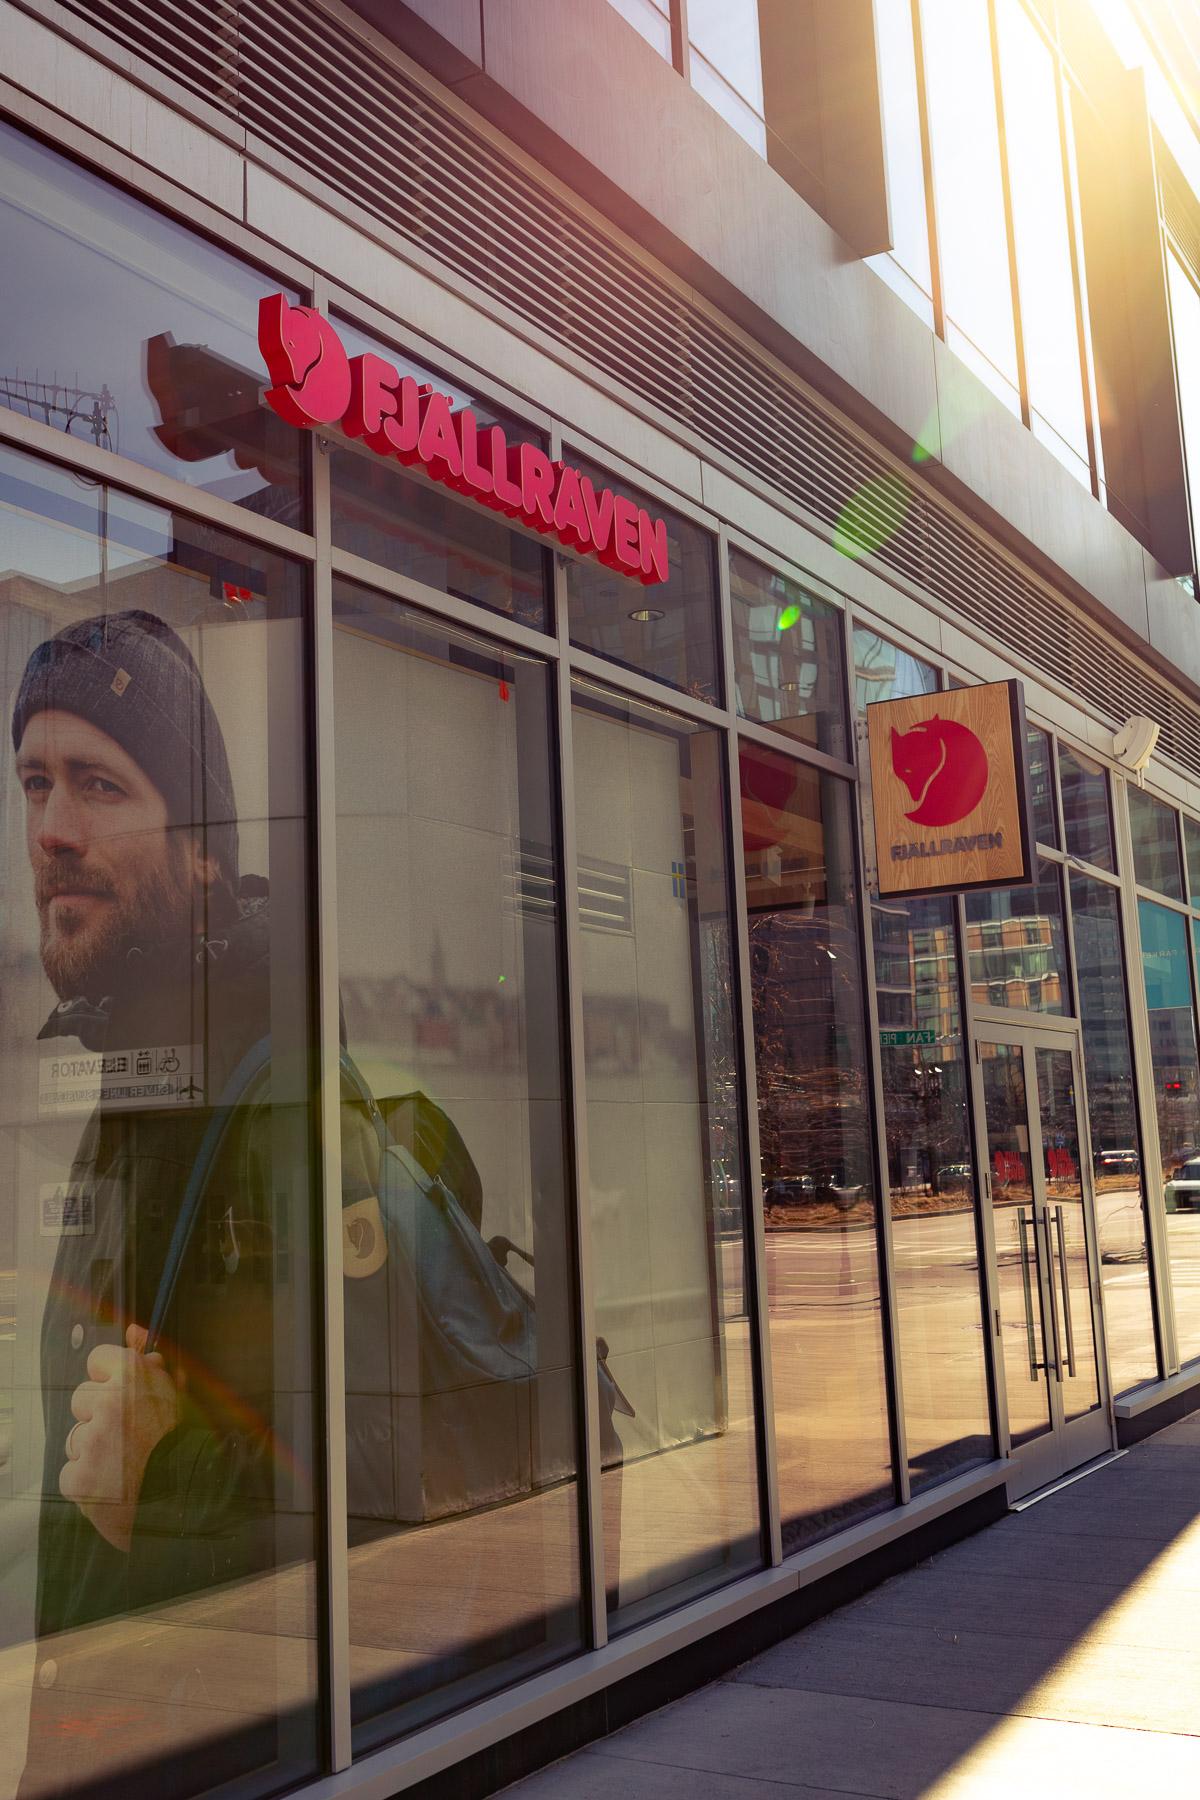 Fjallraven retailer in Boston, Massachusetts Store pic 4